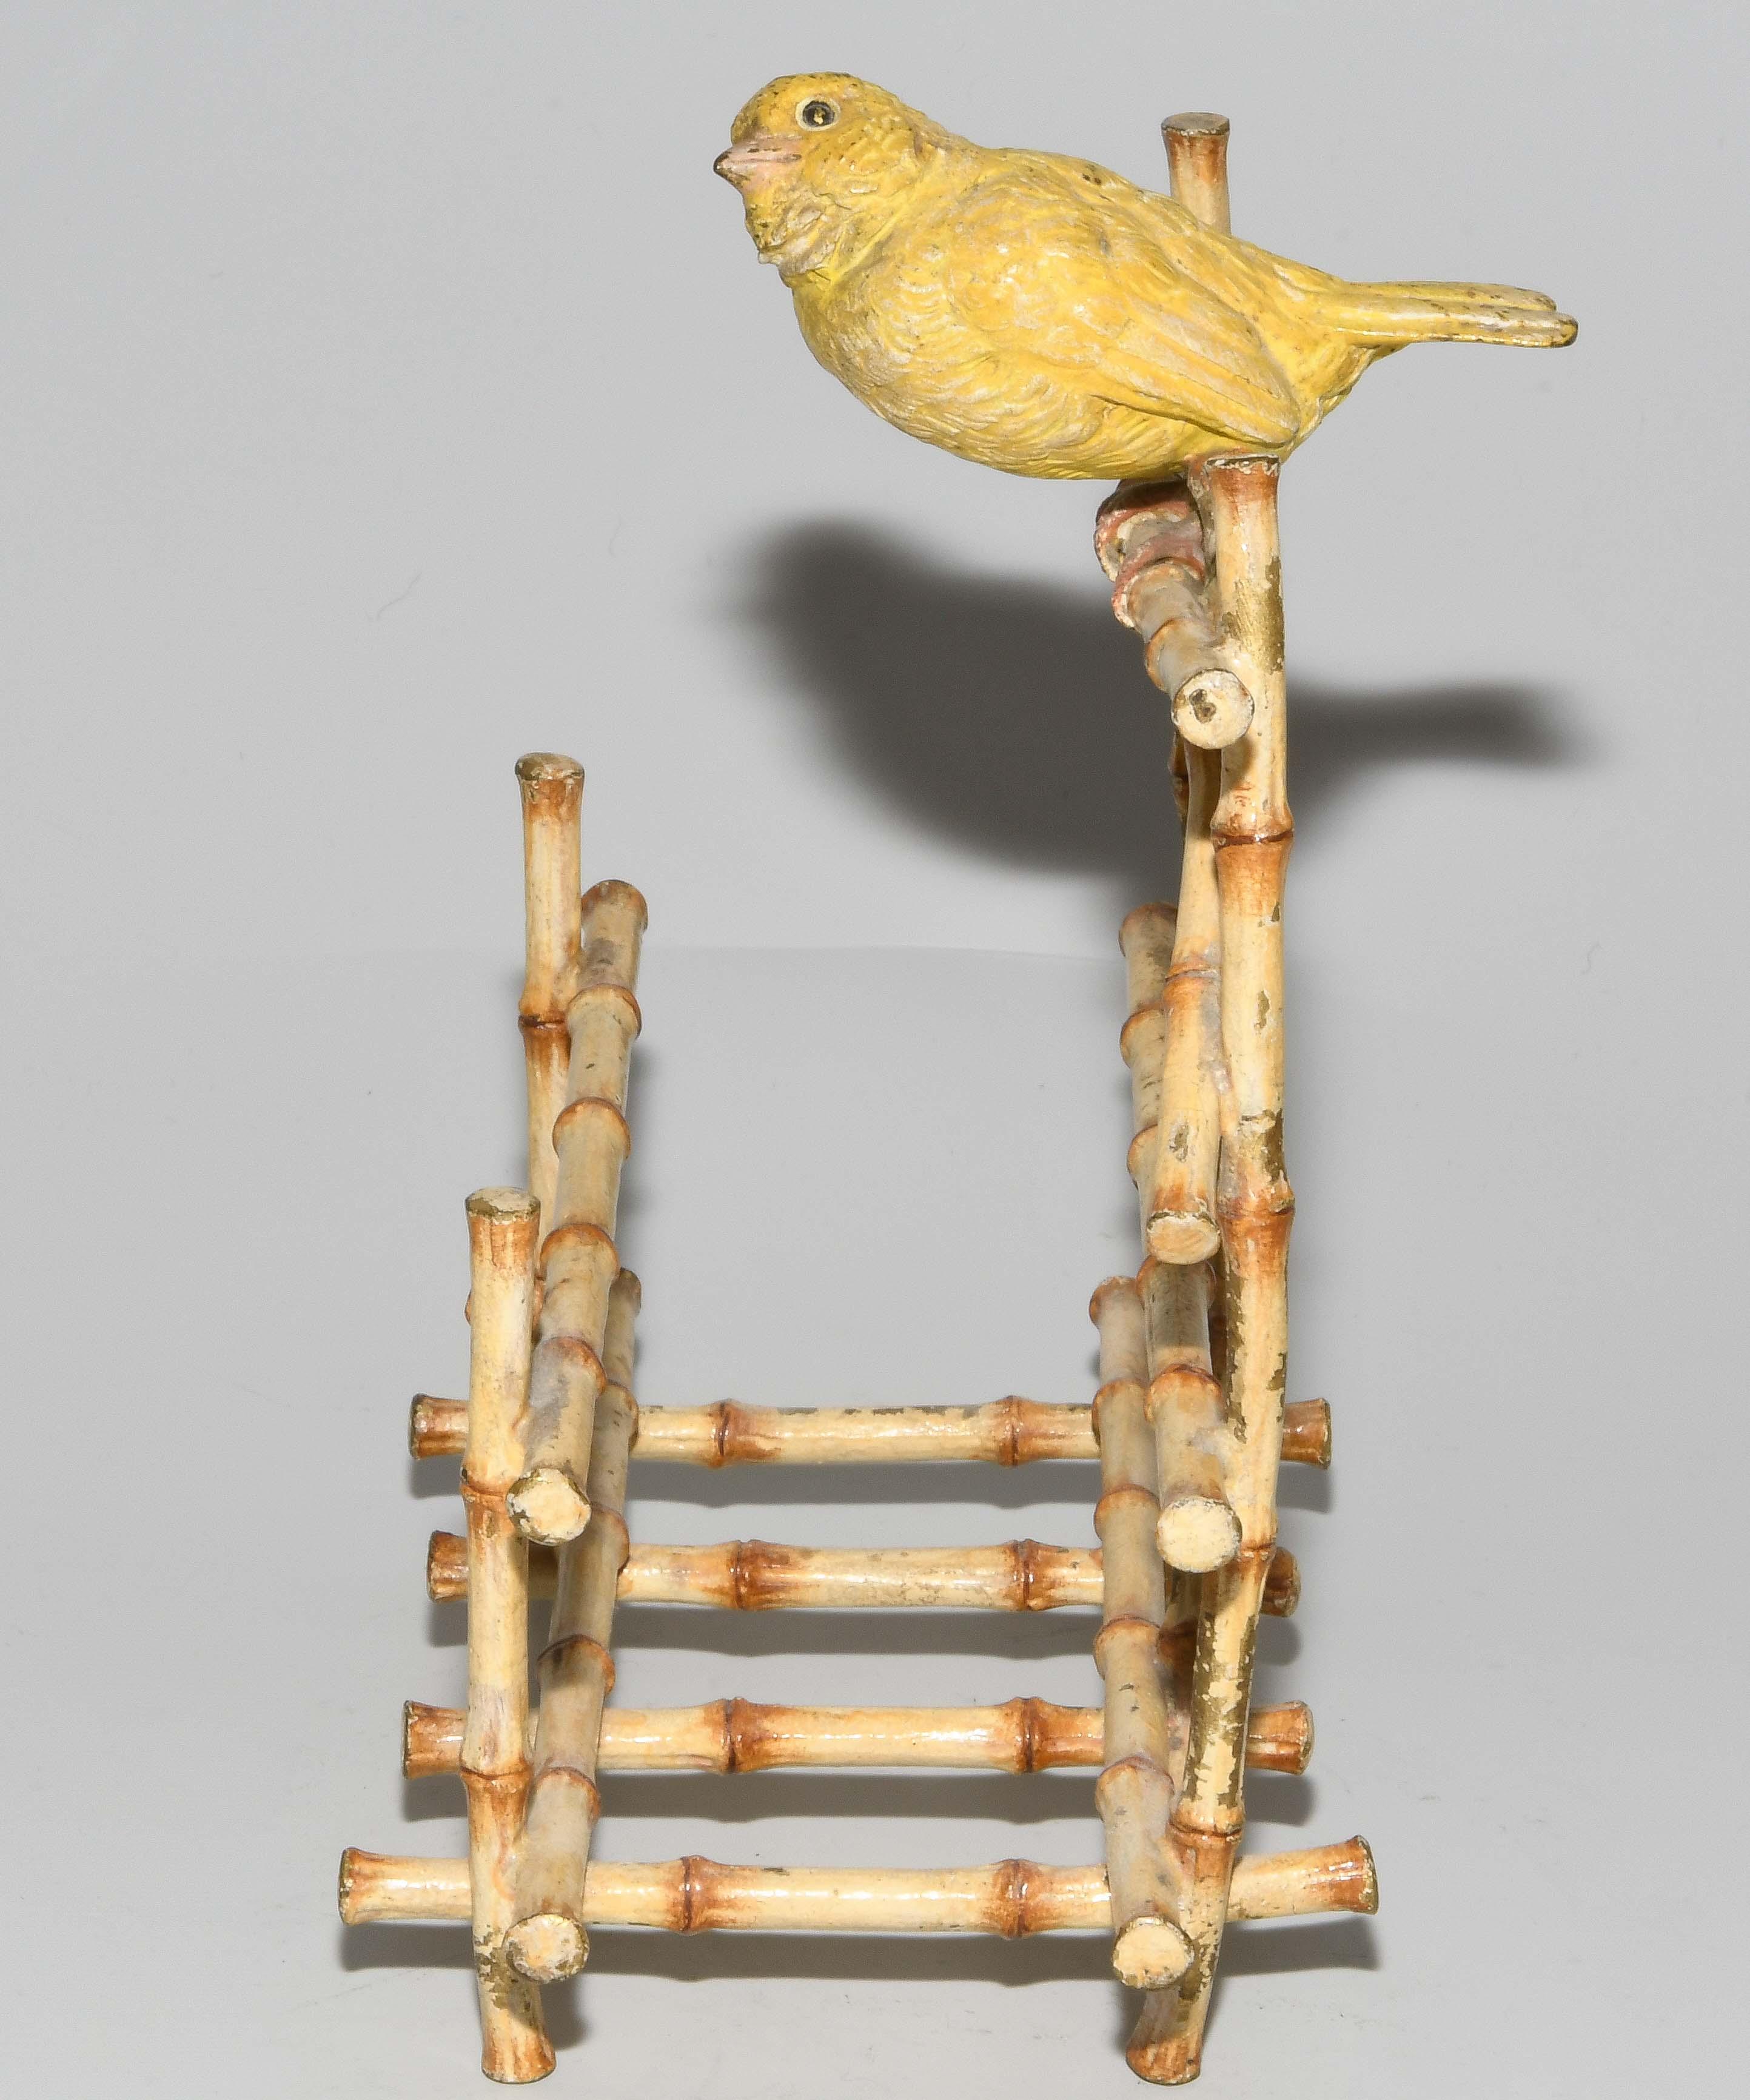 Tierfigur / Ablage - Image 3 of 6